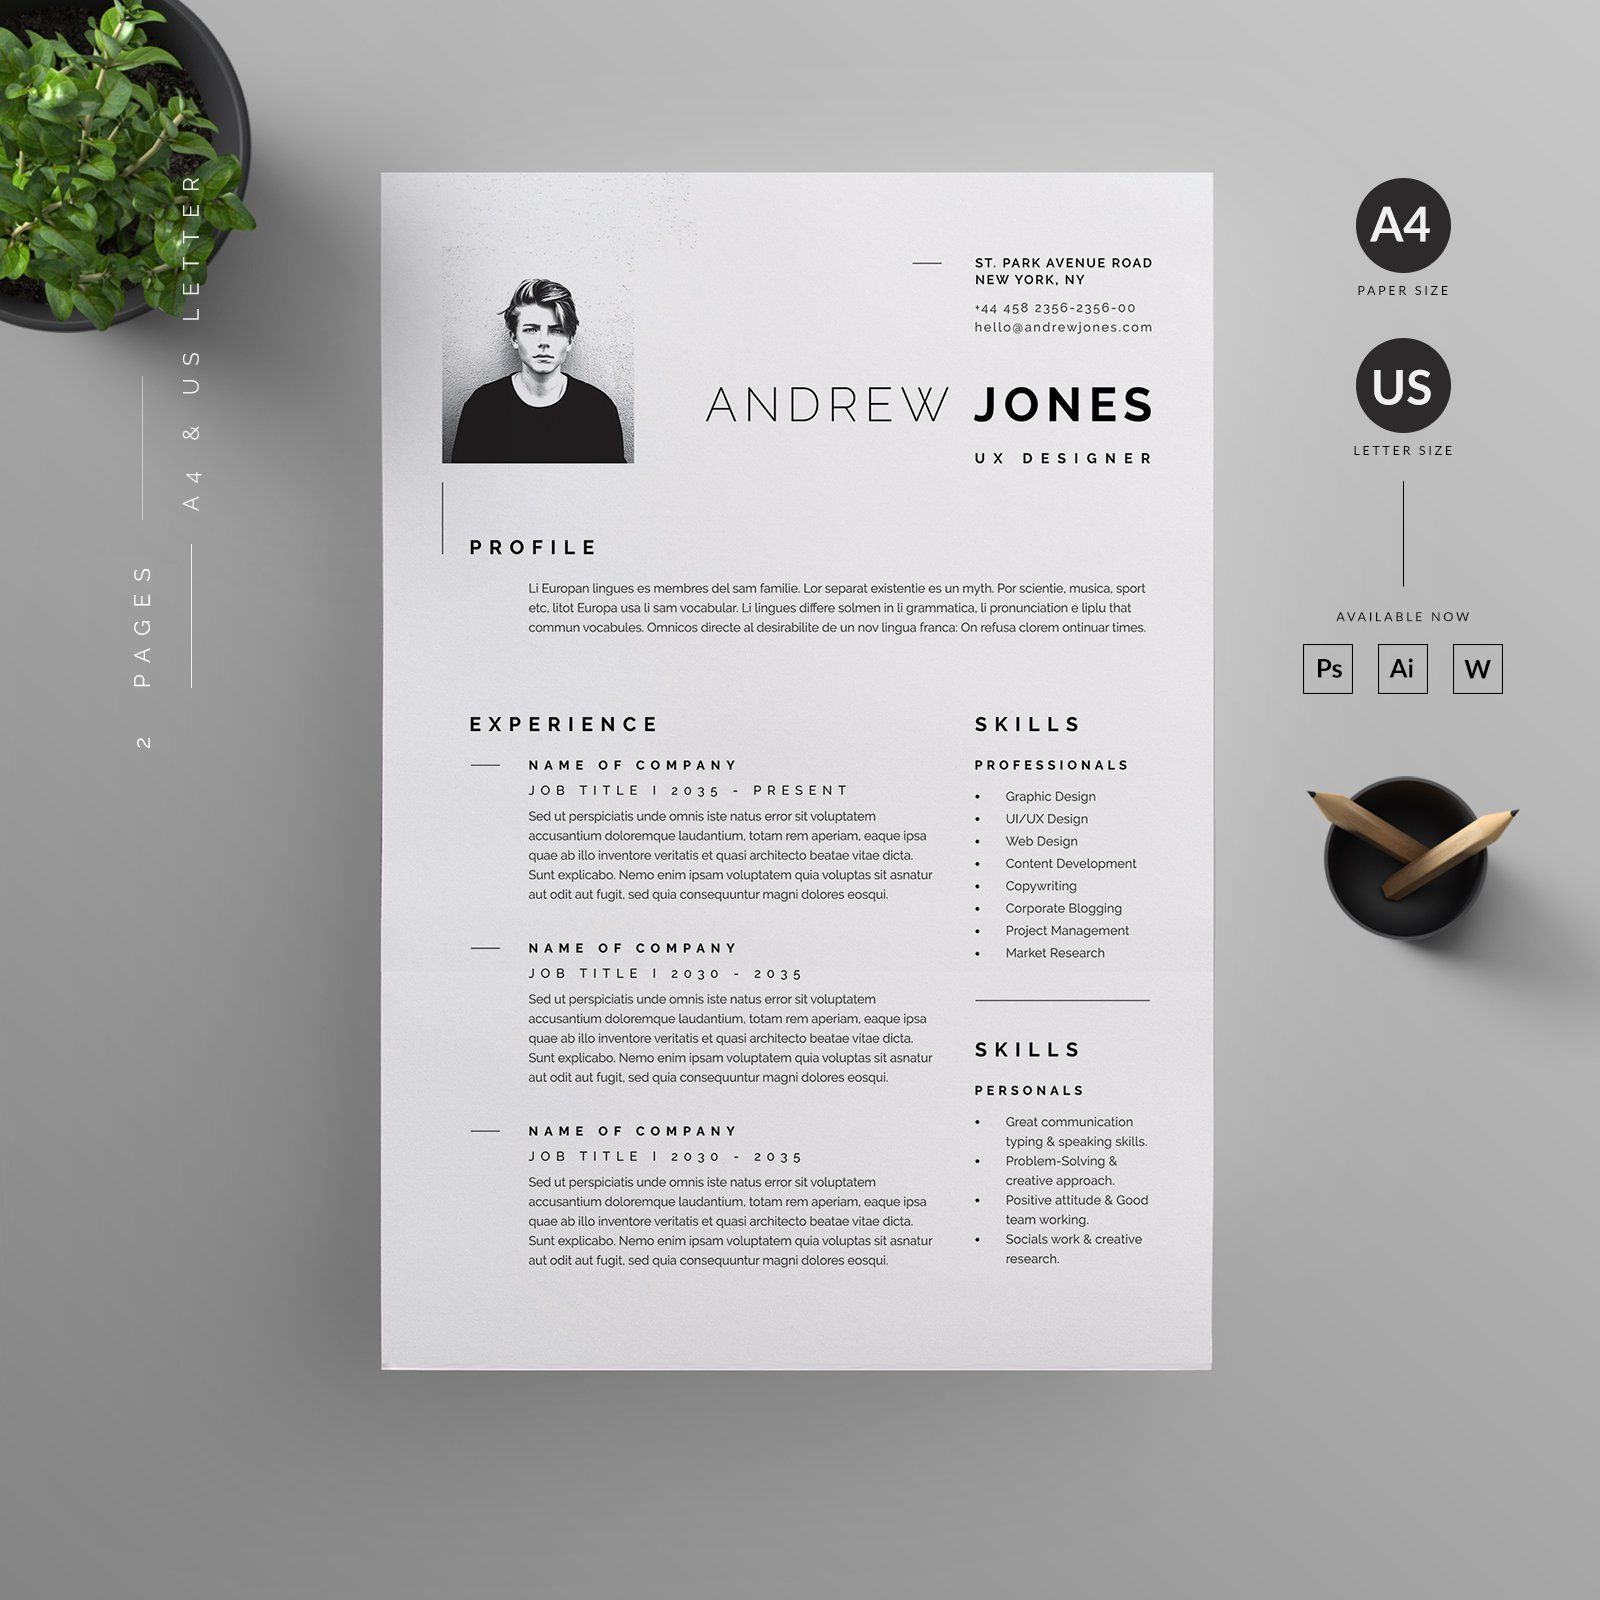 Resume Cv Resume Design Template Resume Cv Letterhead Design